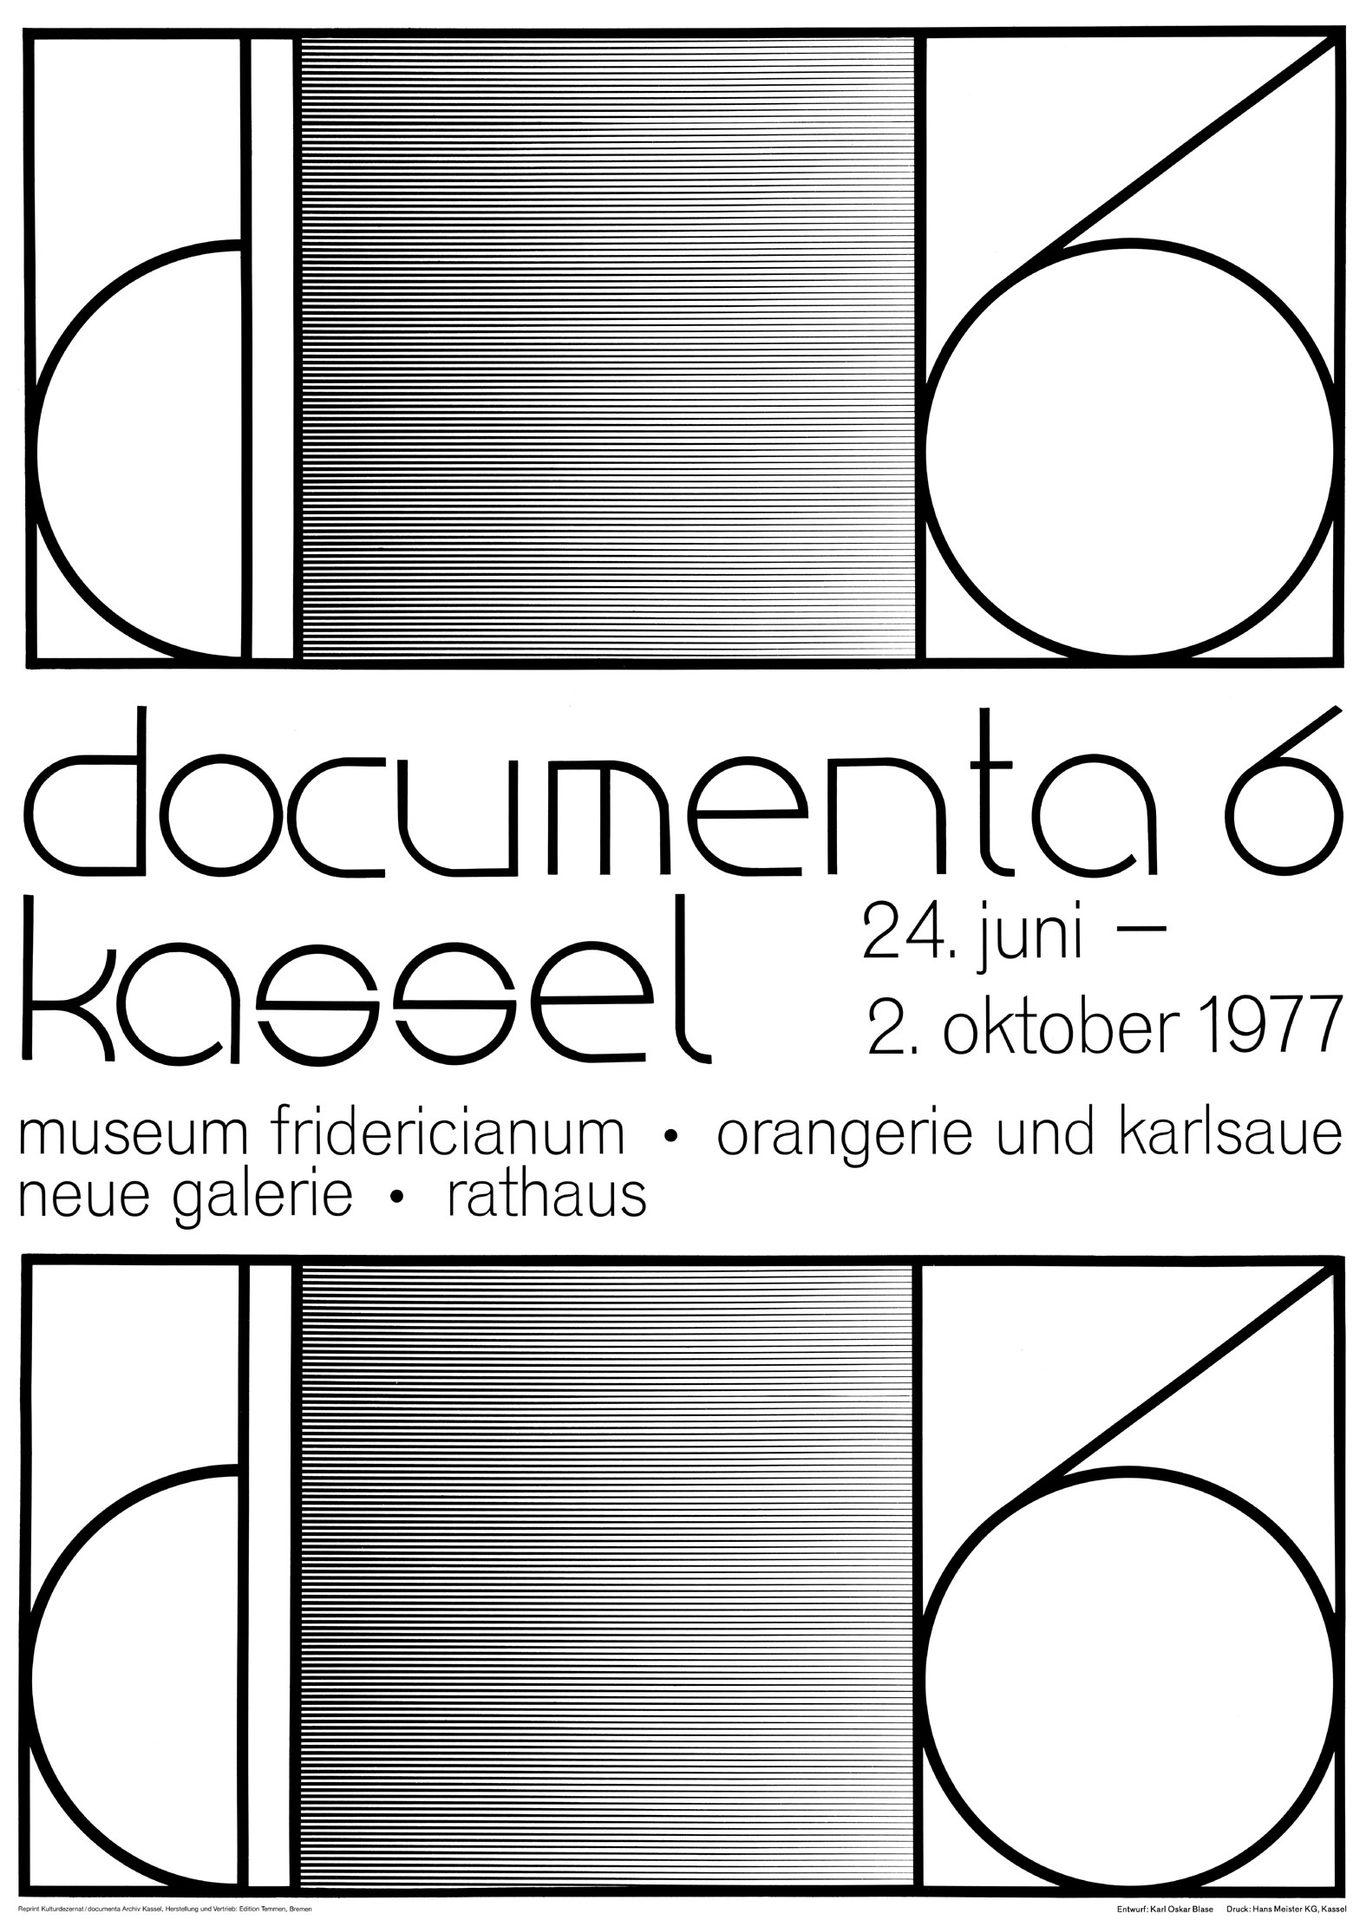 Documenta Dauerkarte